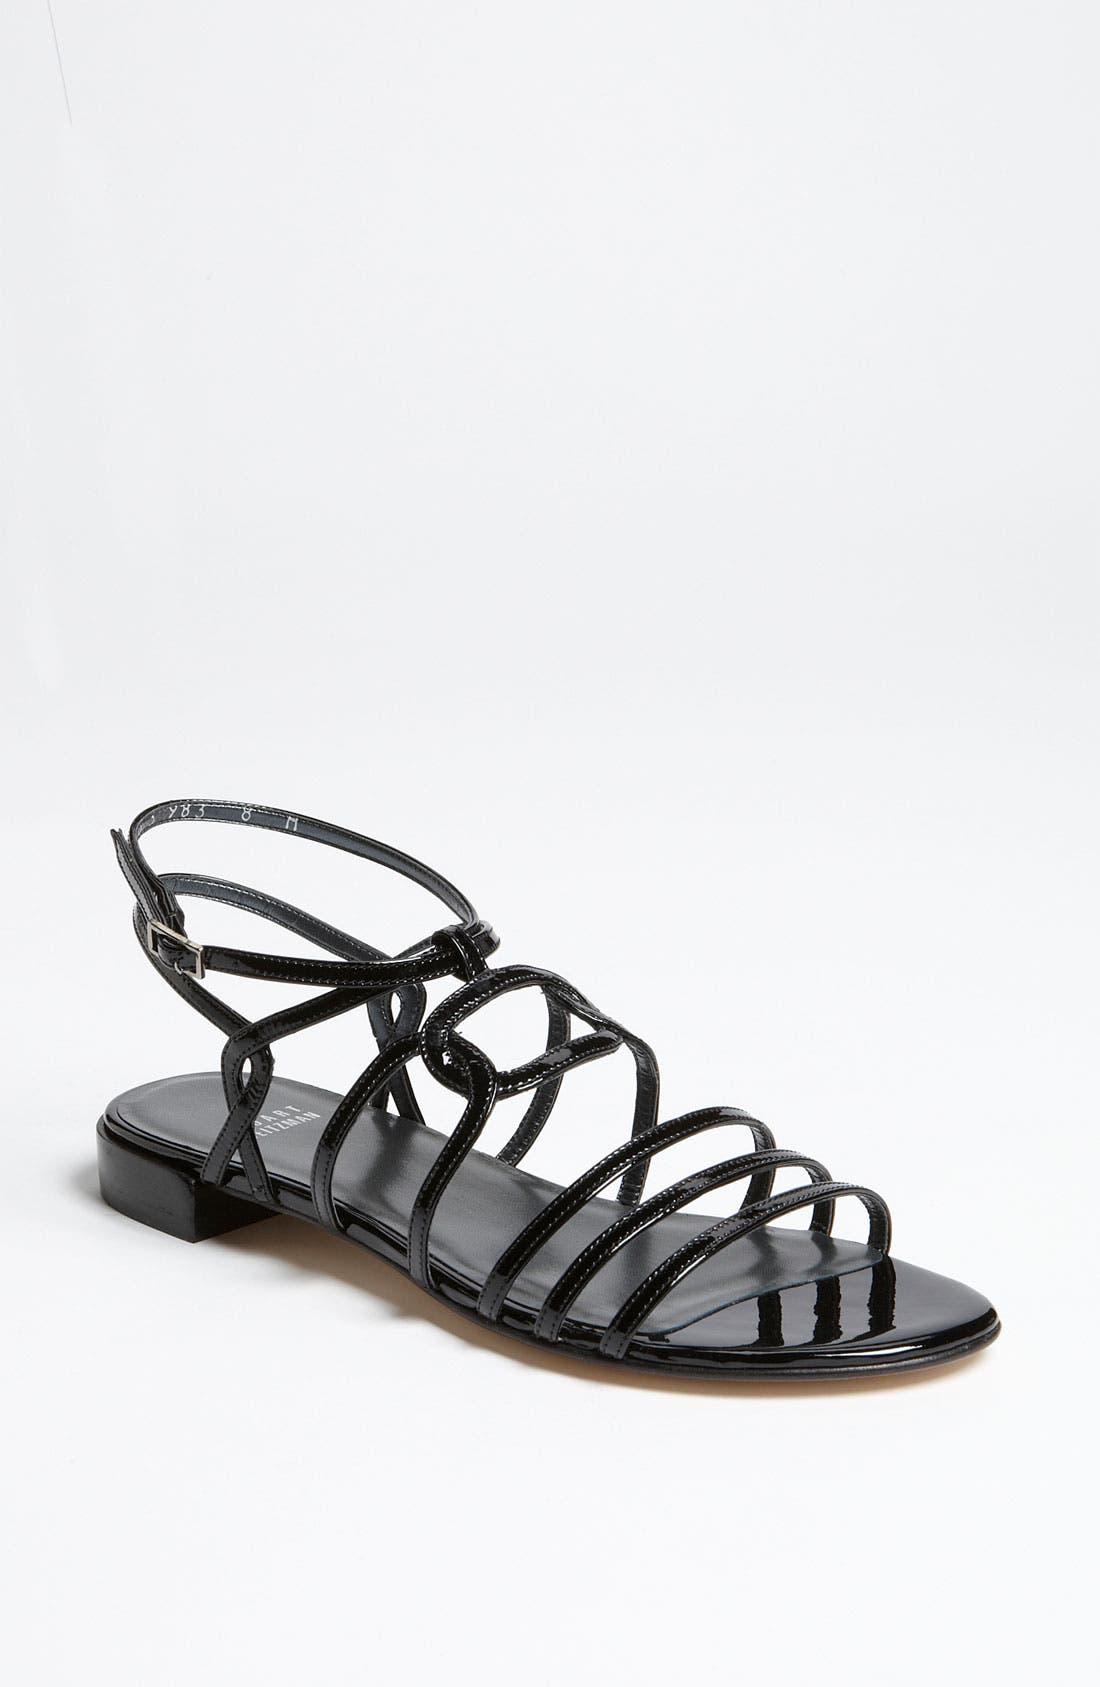 Main Image - Stuart Weitzman 'Window' Sandal